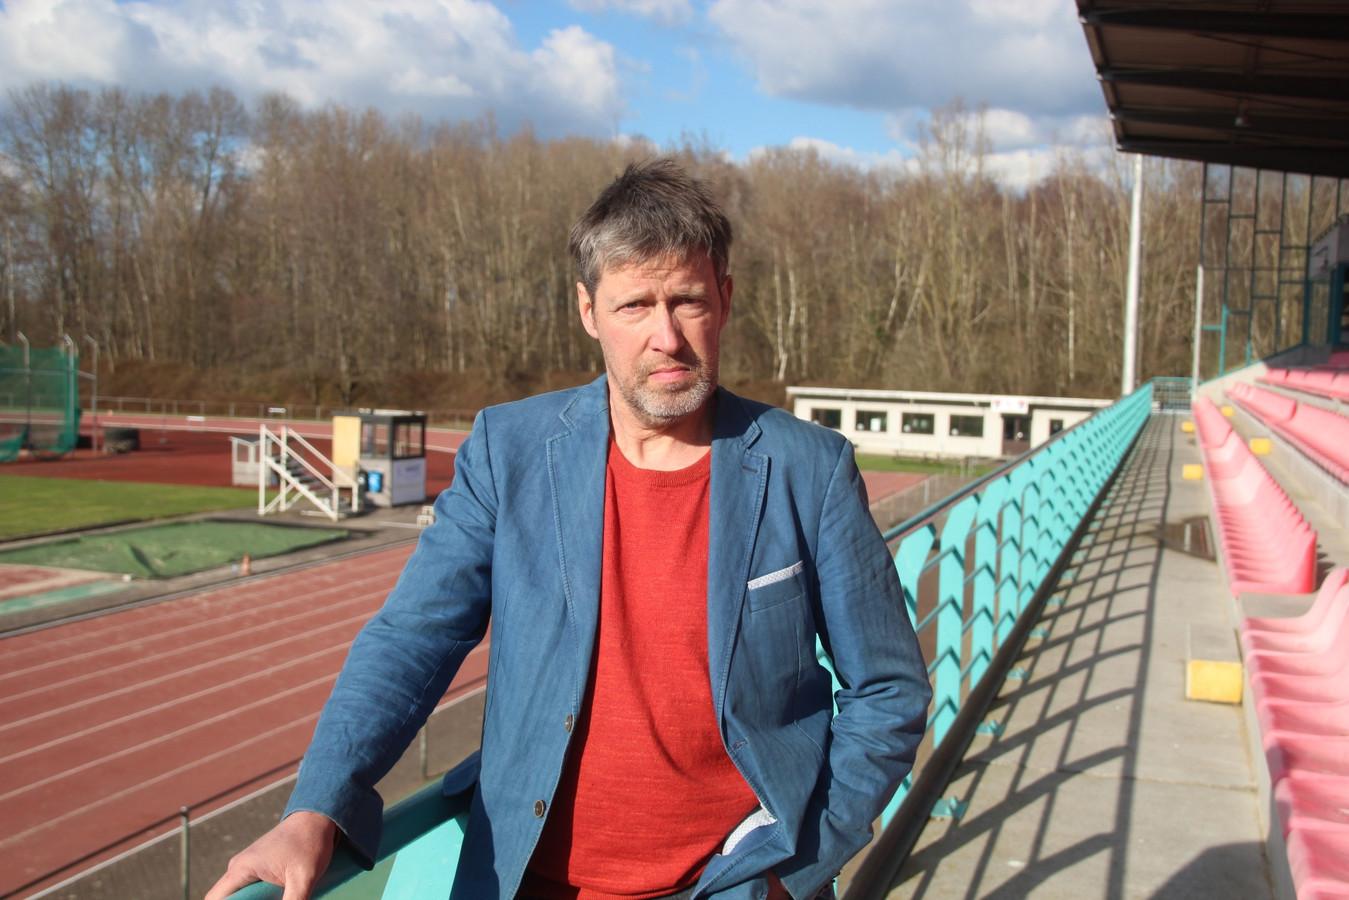 Schepen Dirk Rasschaert (De Coöperatie) bevestigt de gratis overname van de atletiekpiste van Sport Vlaanderen domein Putbos, exclusief tribune en cafetaria.